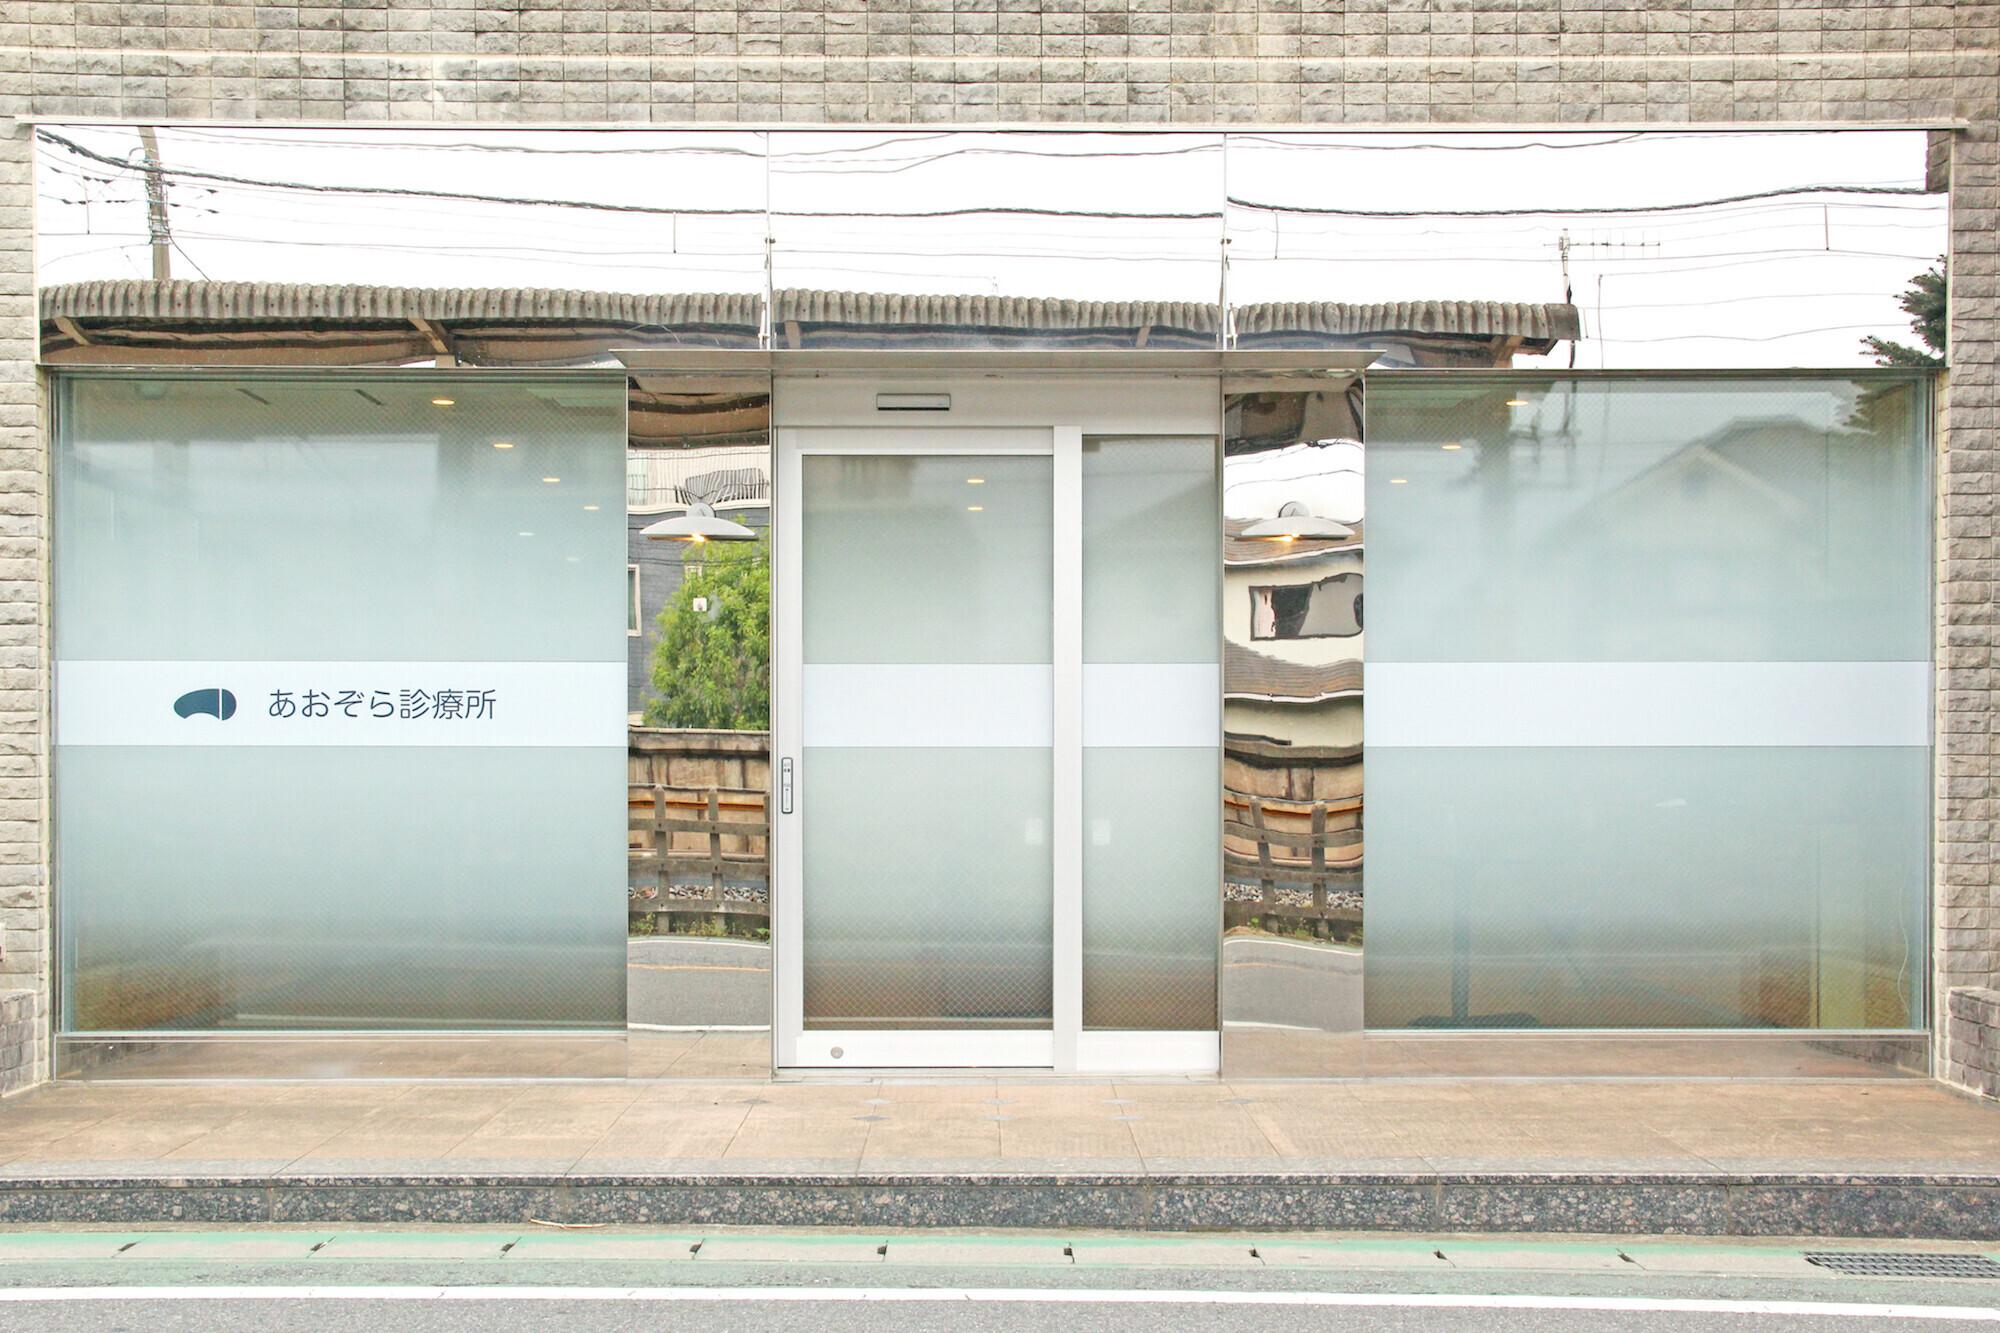 松戸の診療所(無垢な診療所)の建築事例写真